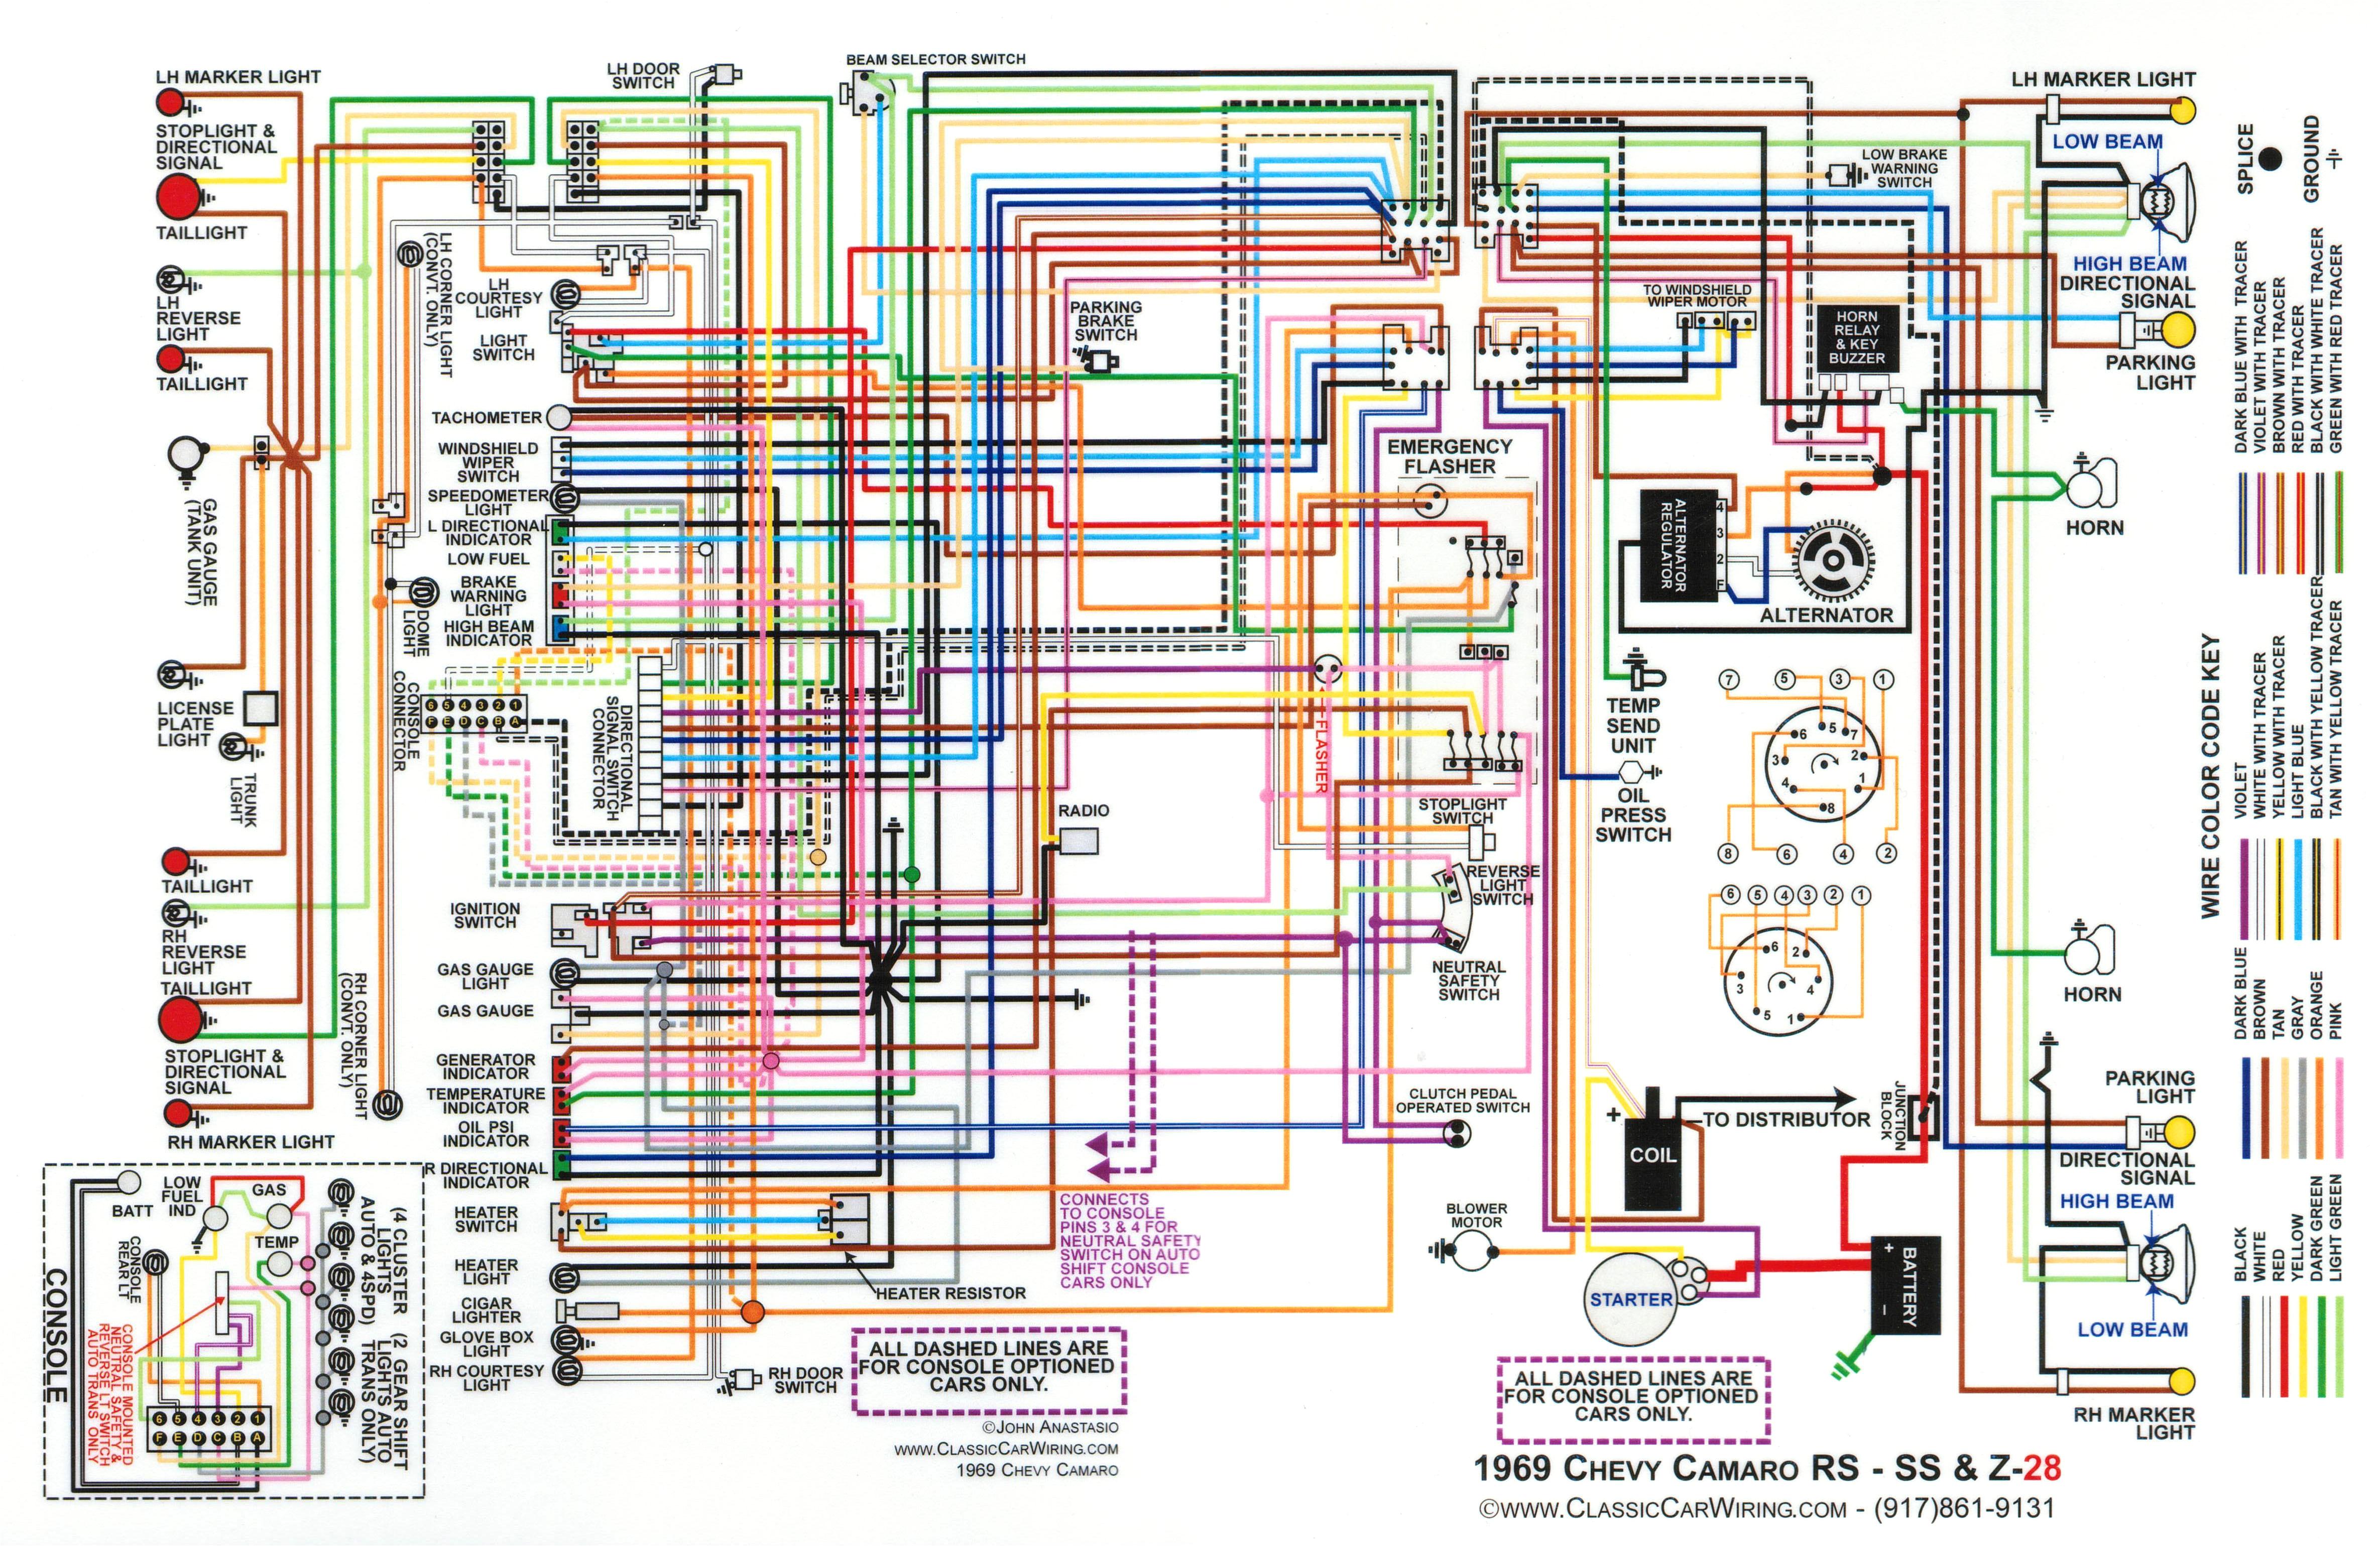 painless wiring diagram trans wiring diagram blog painless wiring diagram trans